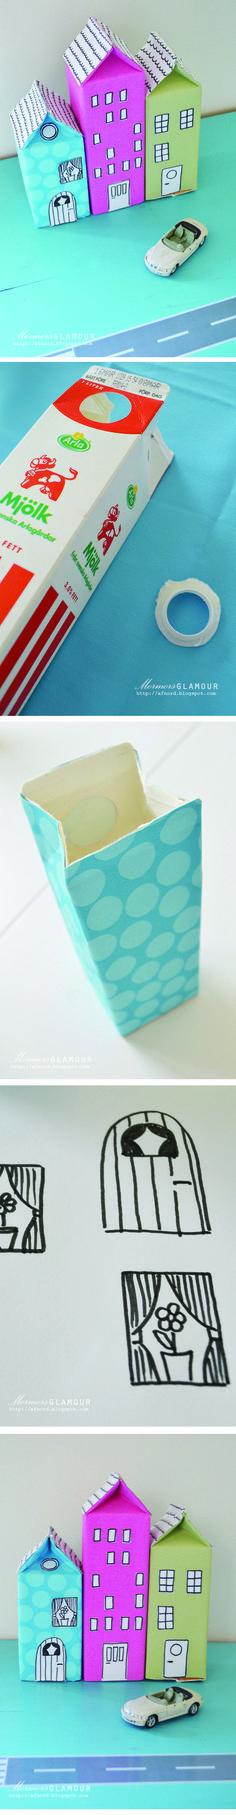 Goedkope knutsel tips van Speelgoedbank Amsterdam voor ouders en kinderen. Doe-het-zelf goedkoop knutselen. / DIY crafts